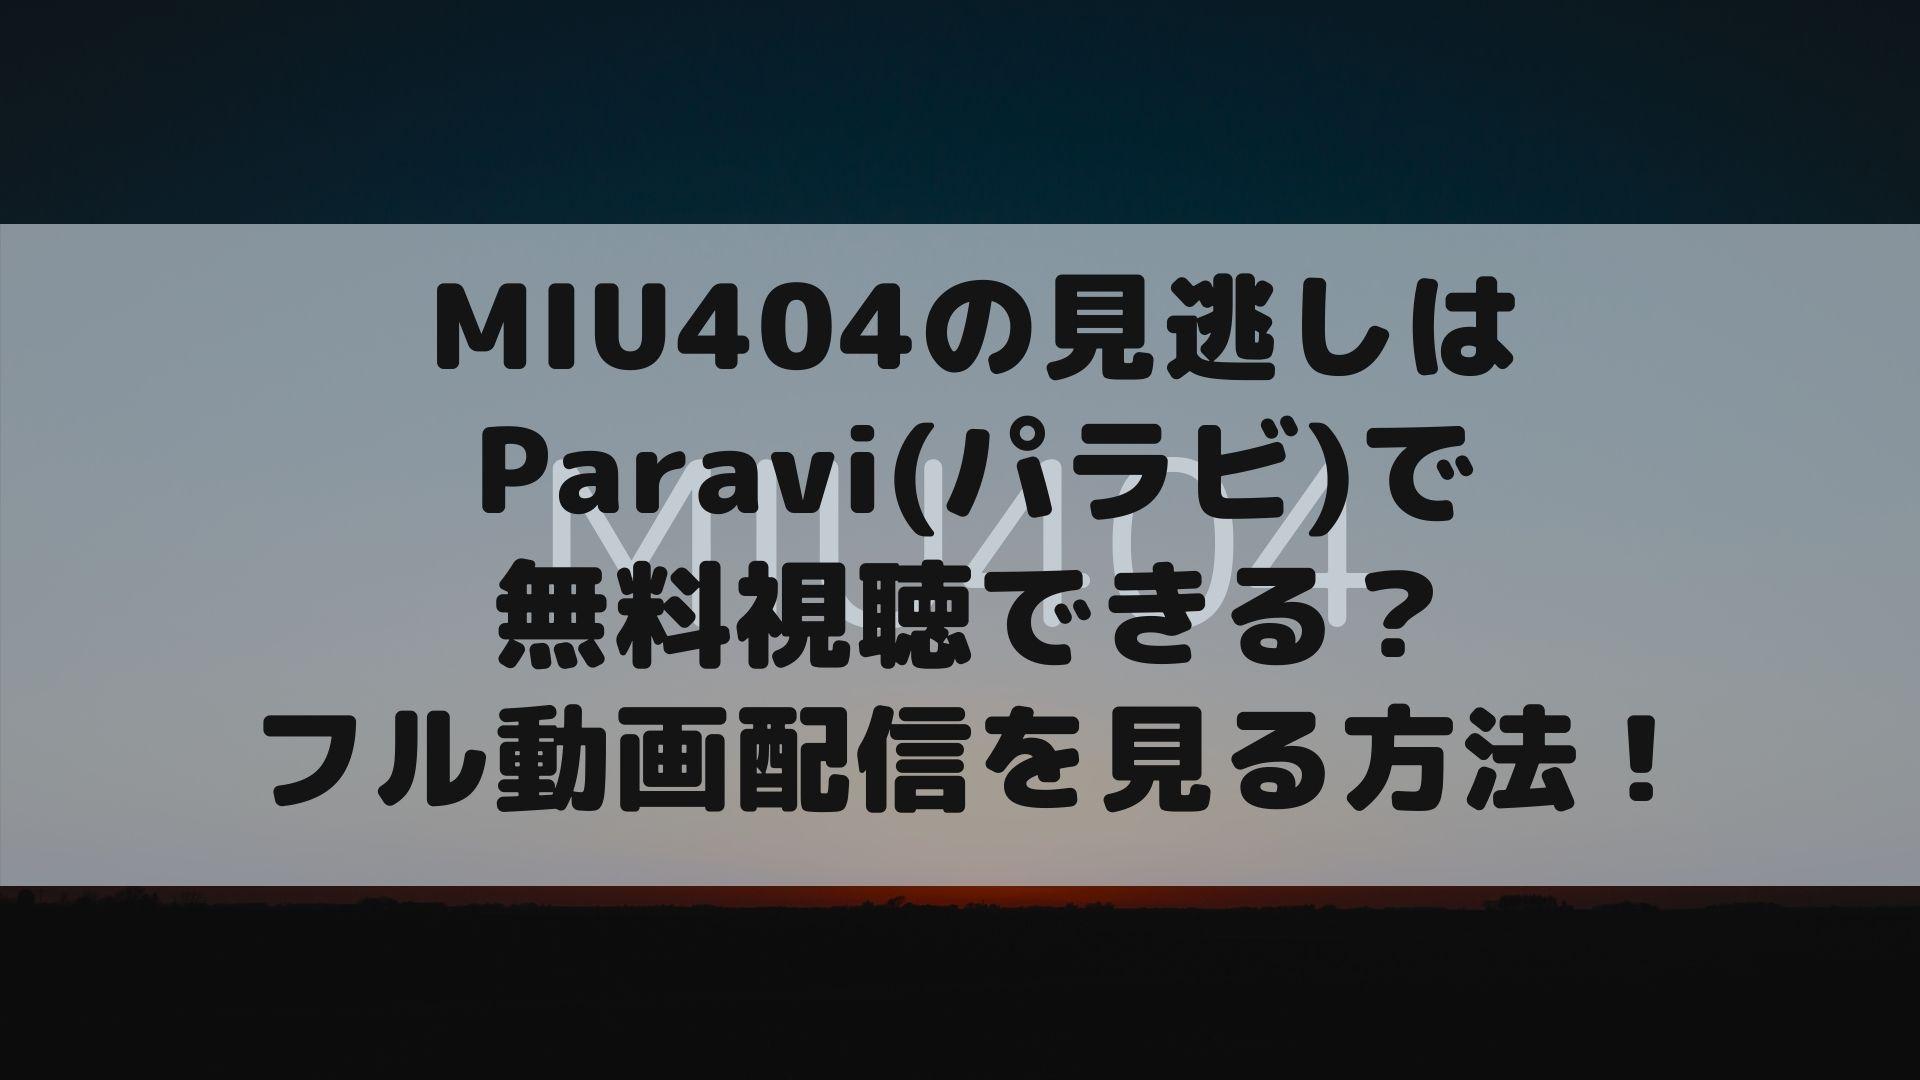 MIU404の見逃しはParavi(パラビ)で無料視聴できる?フル動画配信を見る方法!タイトル画像